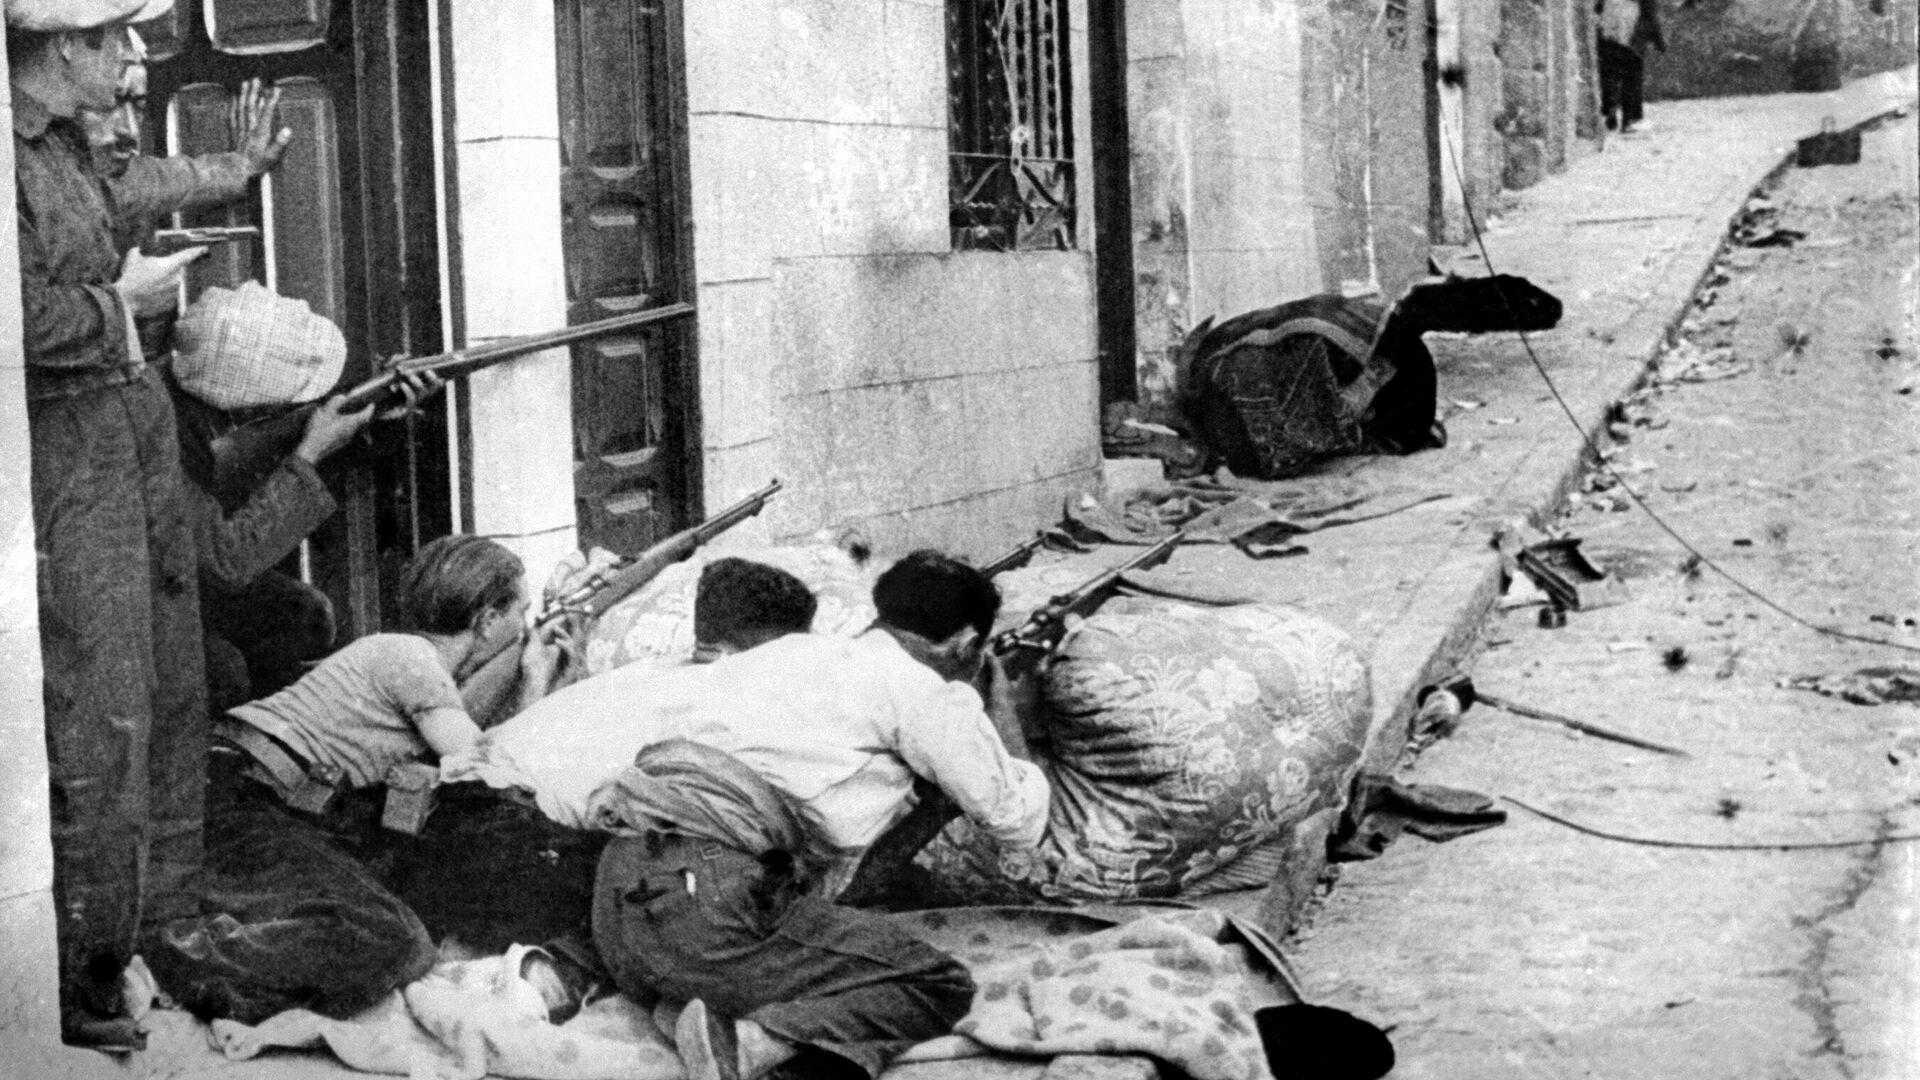 Soldados republicanos peleando en un pueblo de España - Sputnik Mundo, 1920, 18.07.2021